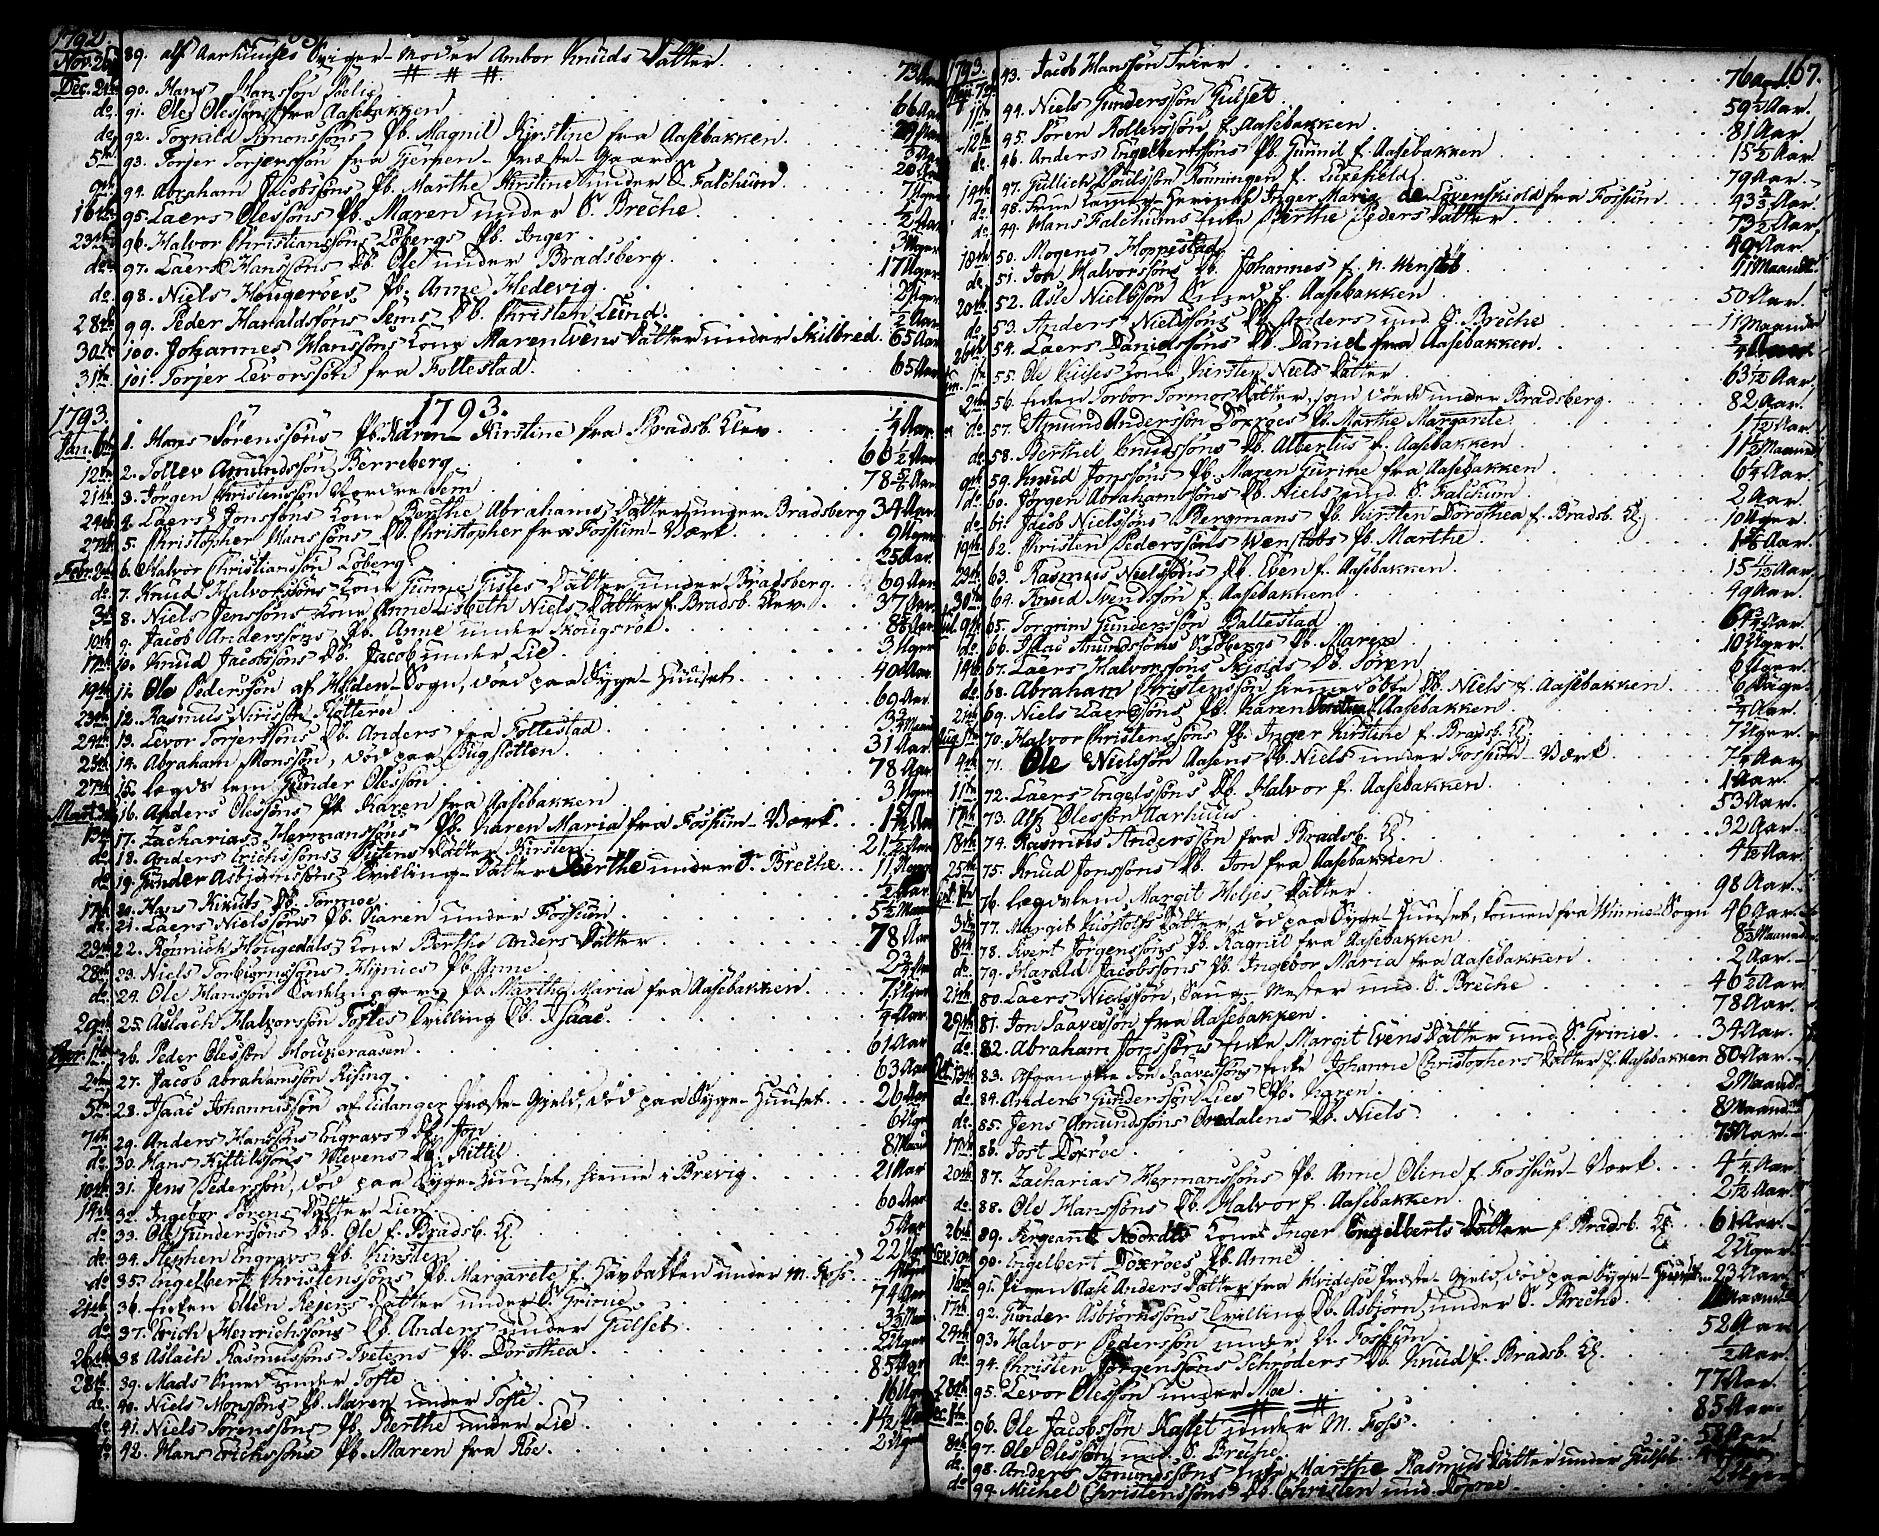 SAKO, Gjerpen kirkebøker, F/Fa/L0002: Ministerialbok nr. 2, 1747-1795, s. 167